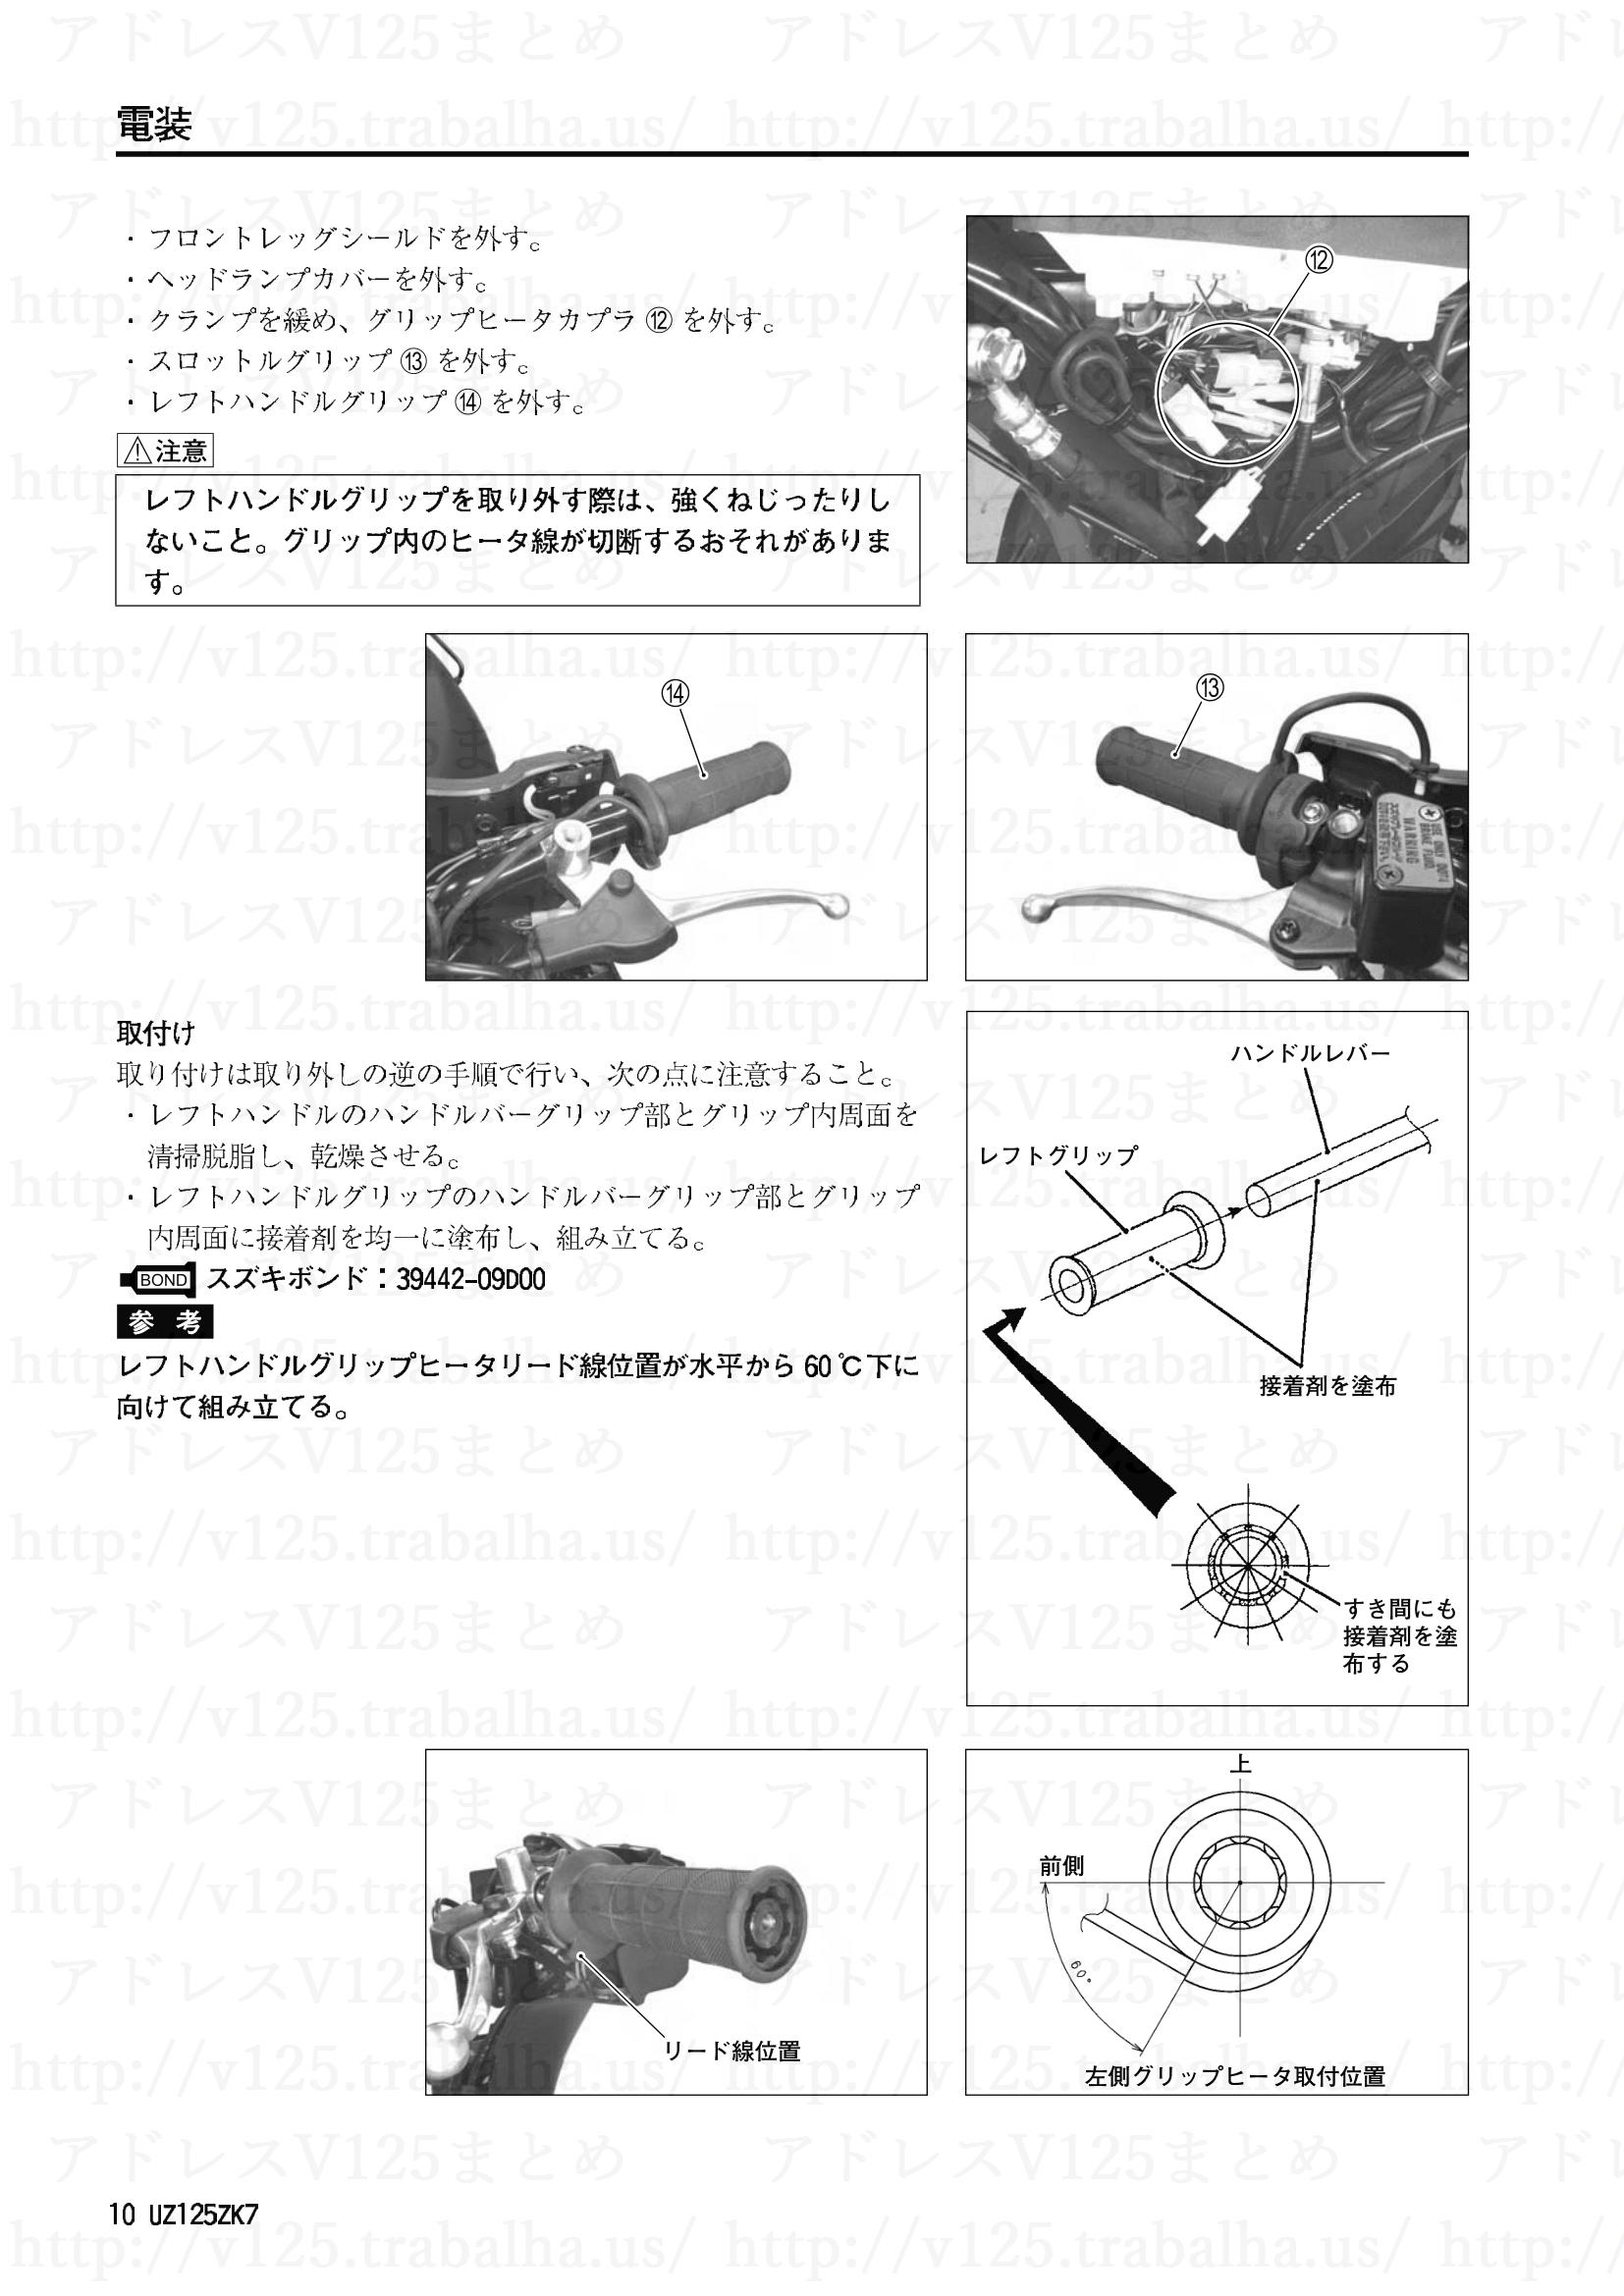 追補【UZ125ZK7】旧モデルとの主な相違点10